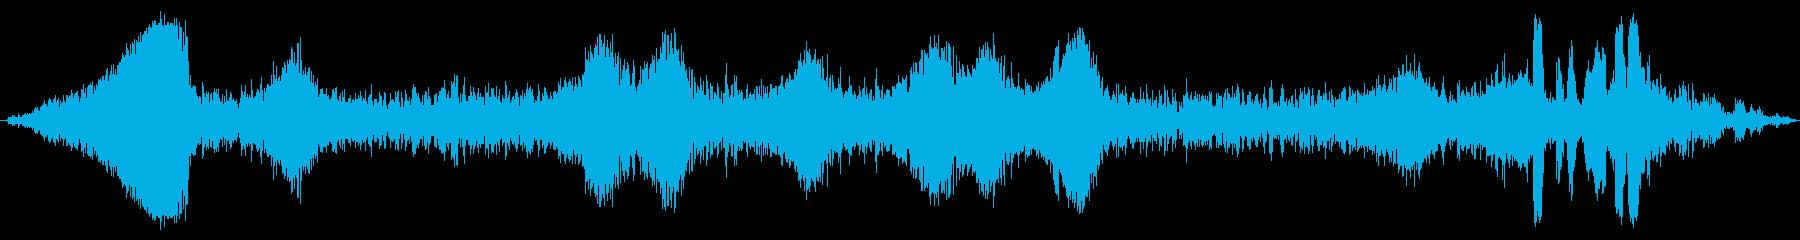 プエブロ0〜50のキャリッジパスの再生済みの波形